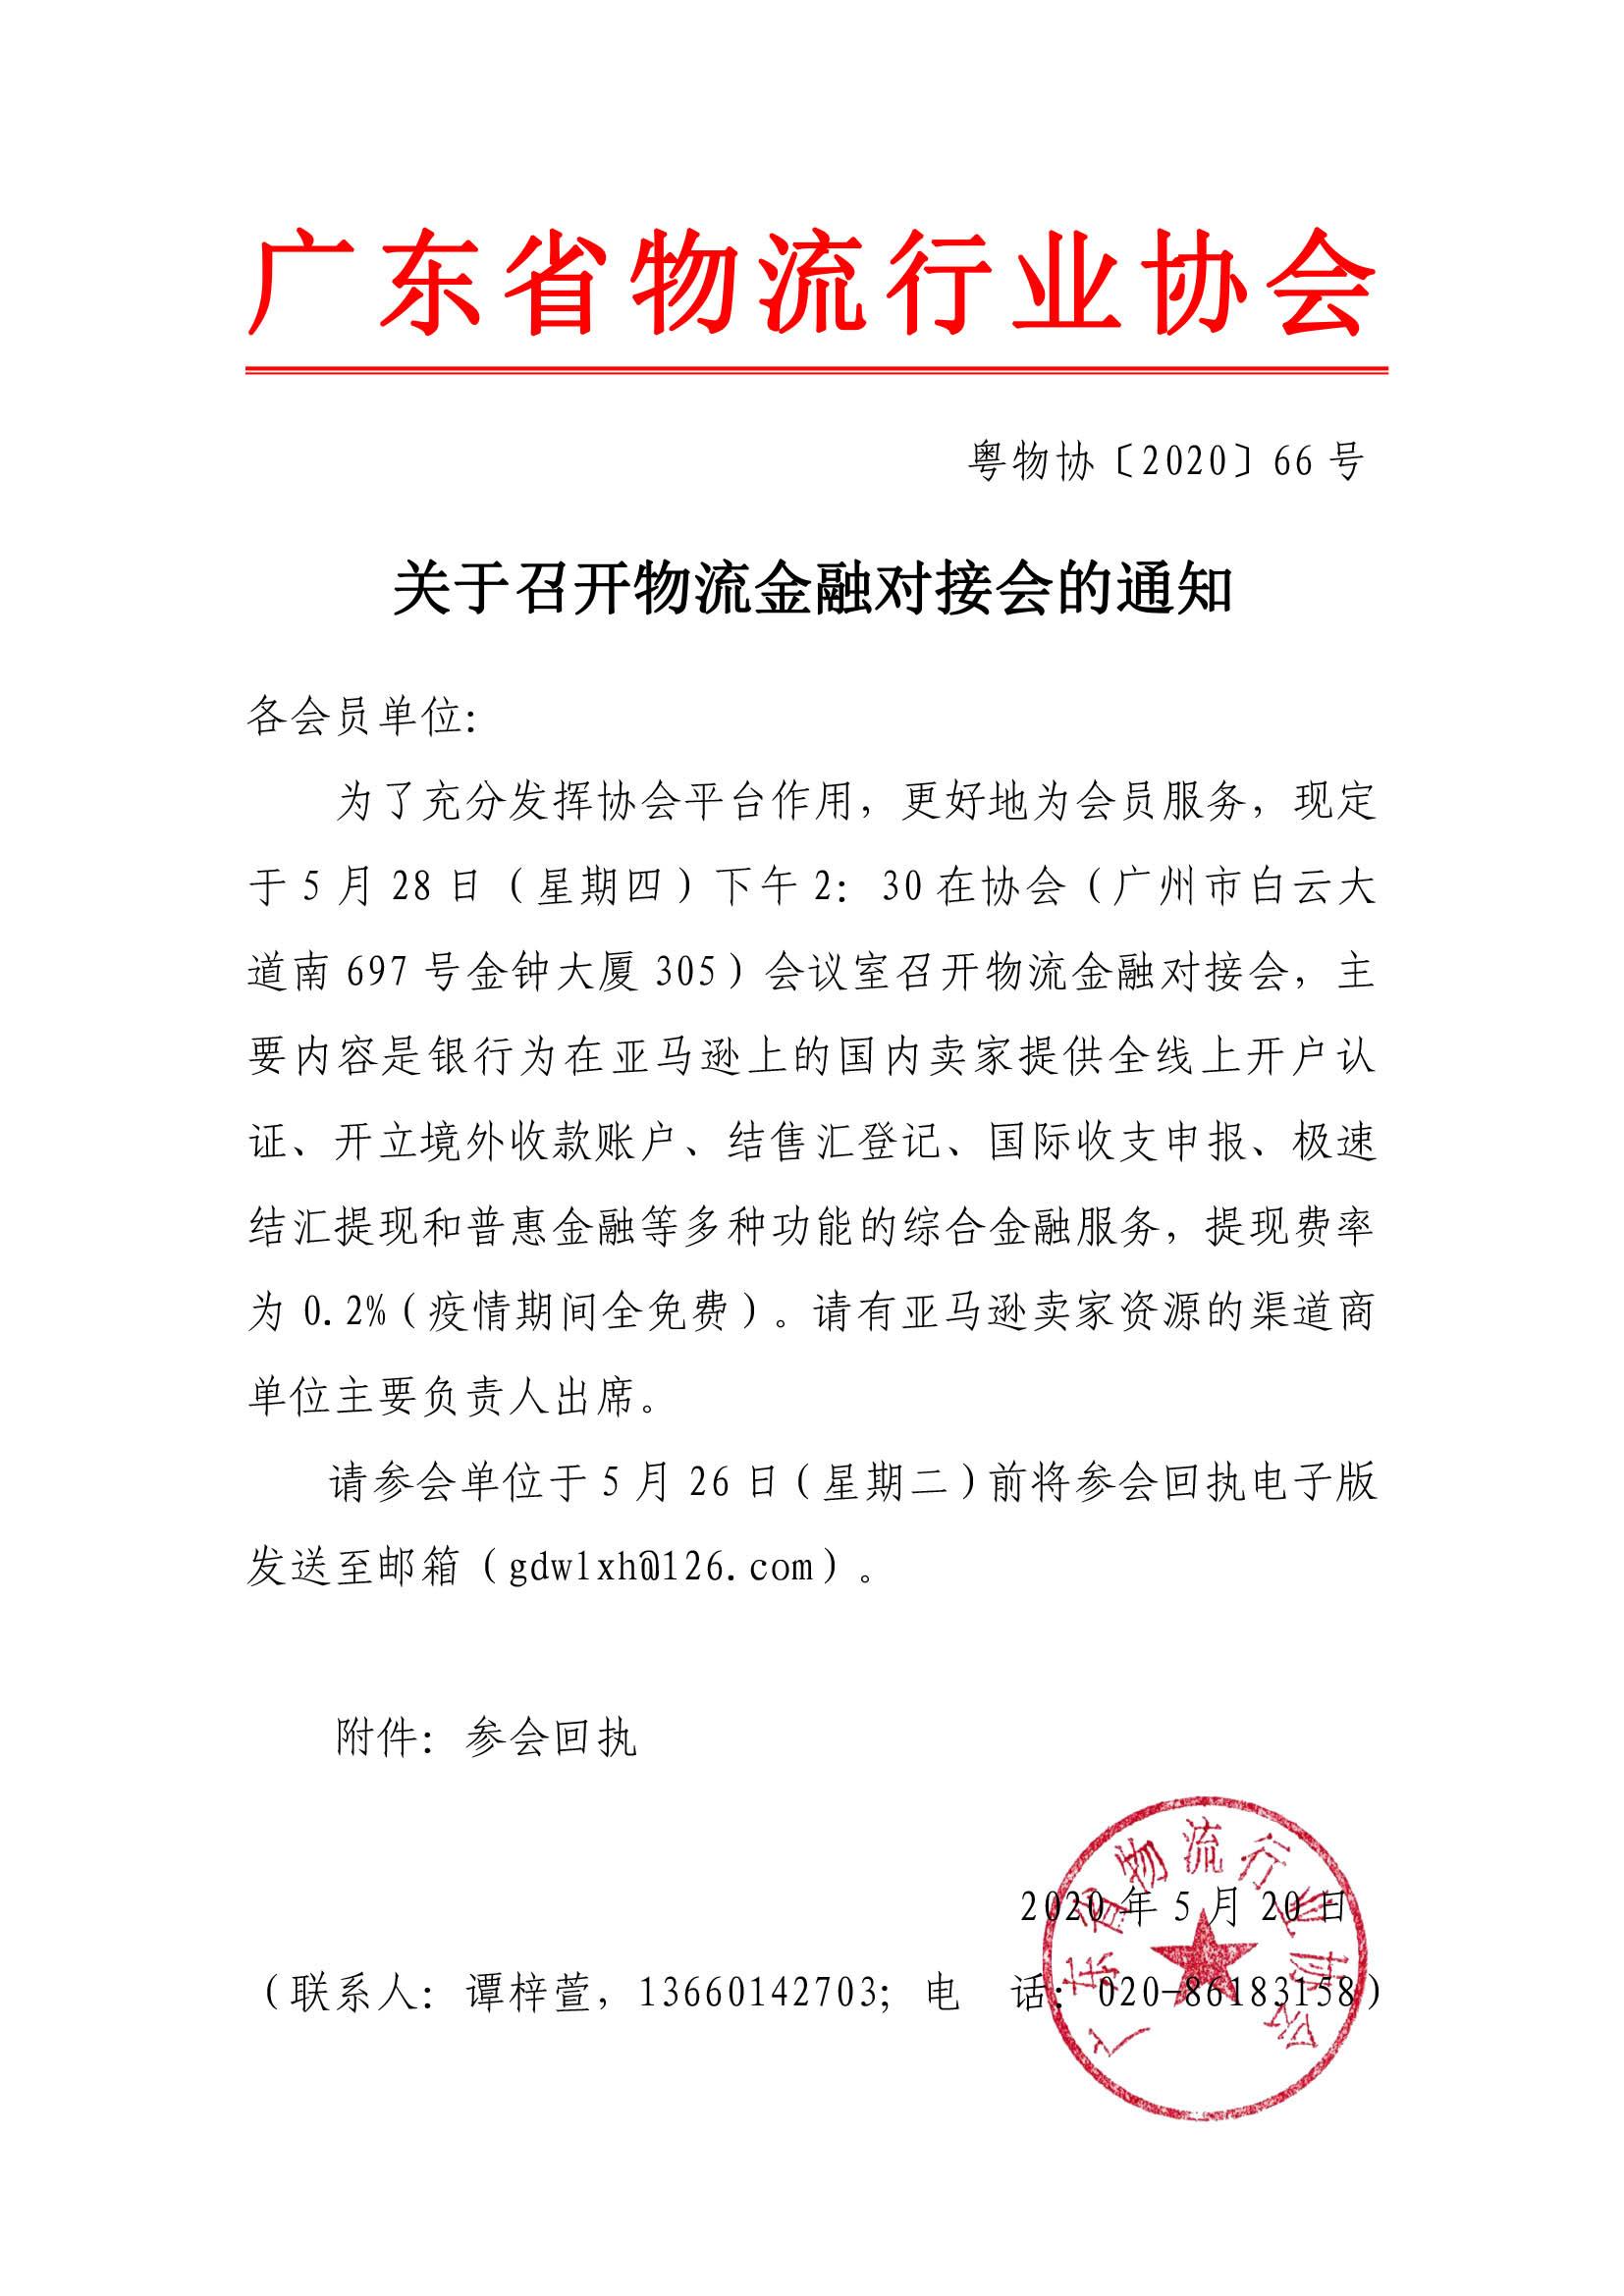 关于召开万博博彩苹果app下载金融对接会的通知.jpg